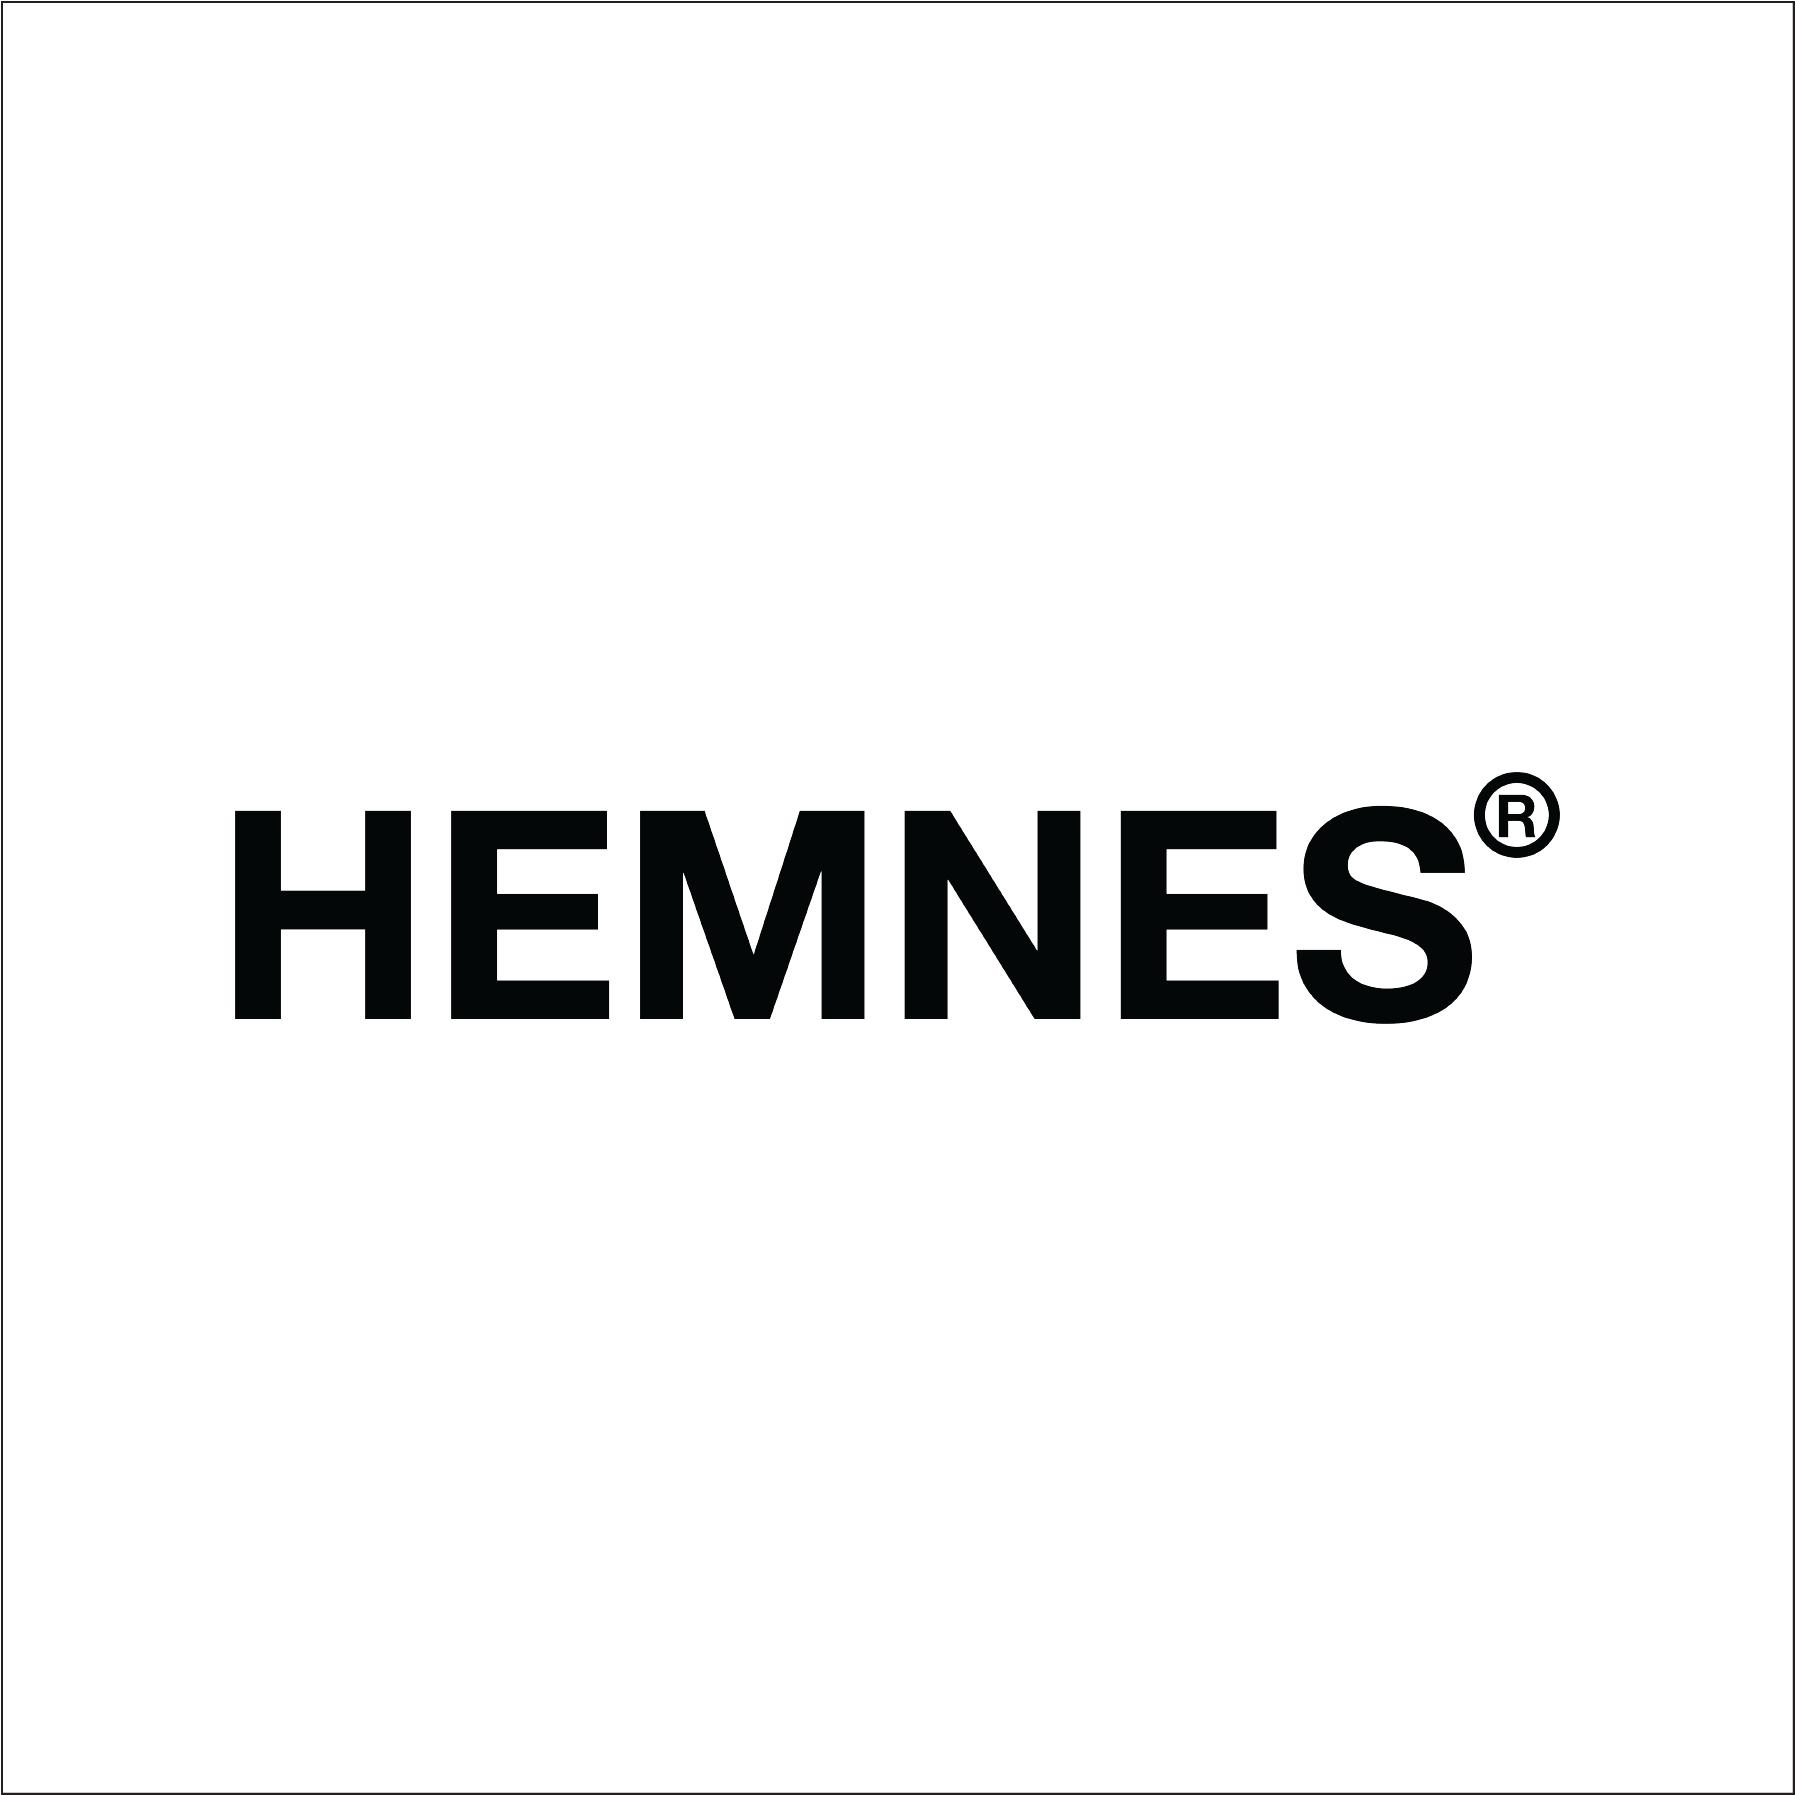 Hemnes Jewelry